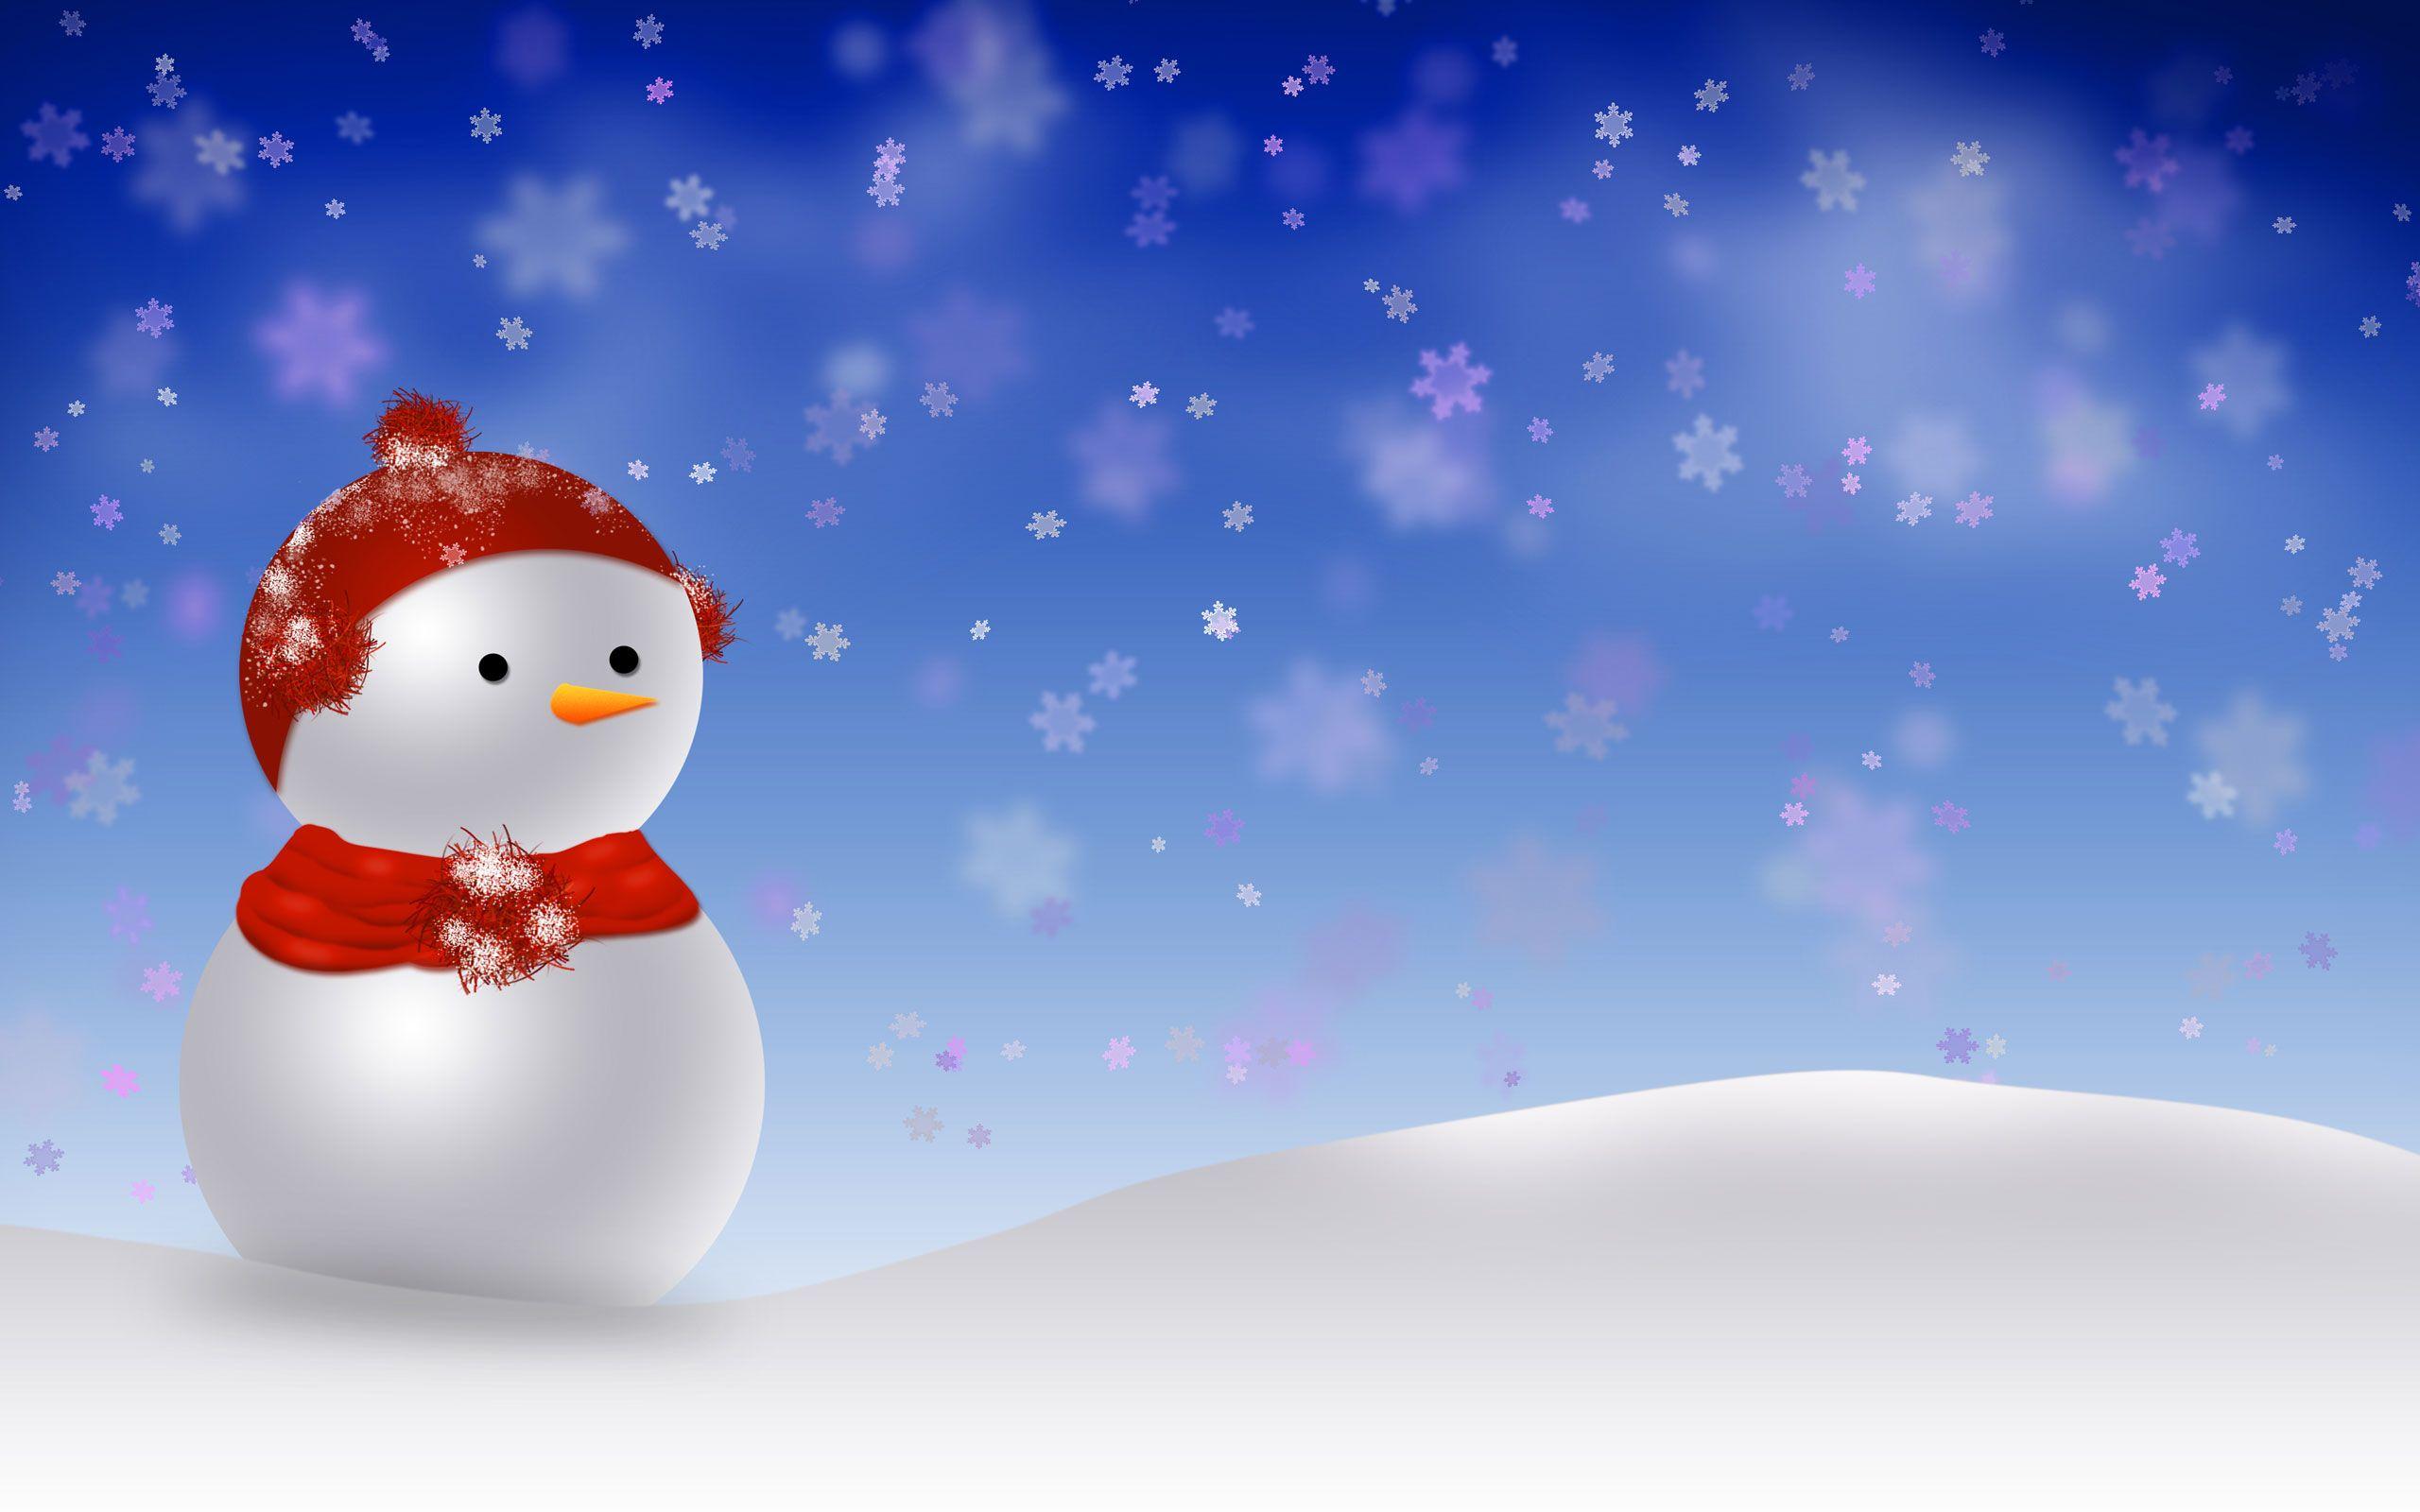 snowman ultra wallpapers hd - http://wallucky/snowman-ultra